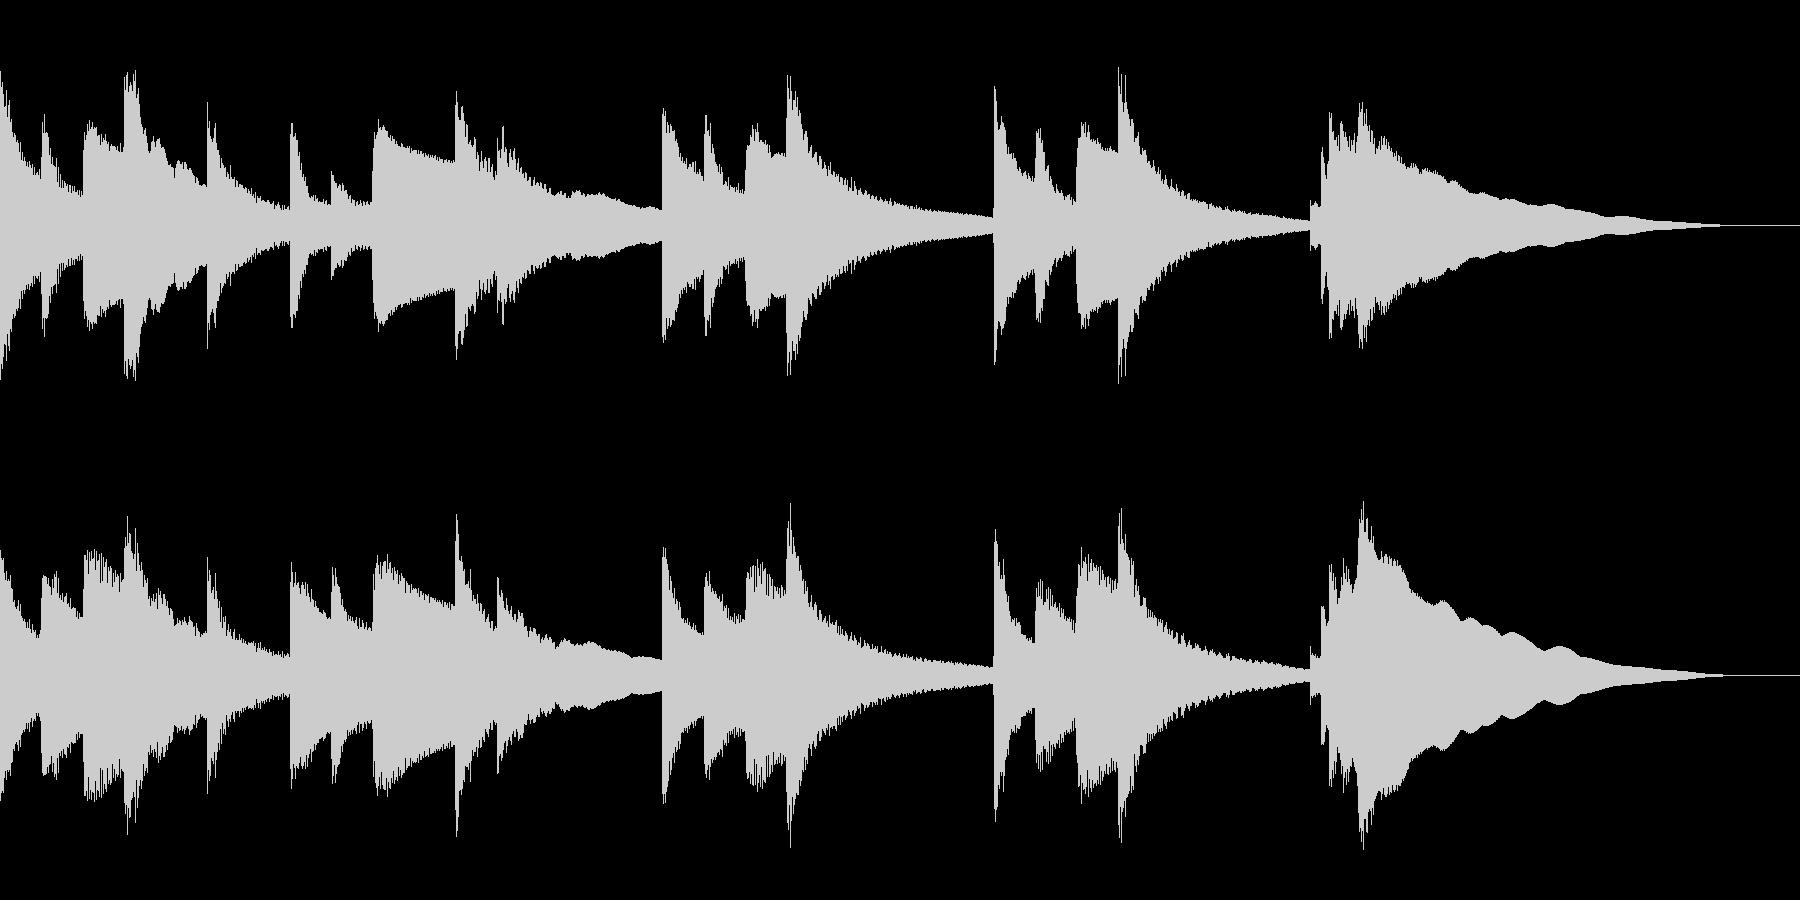 冬を感じるジングルBGMの未再生の波形